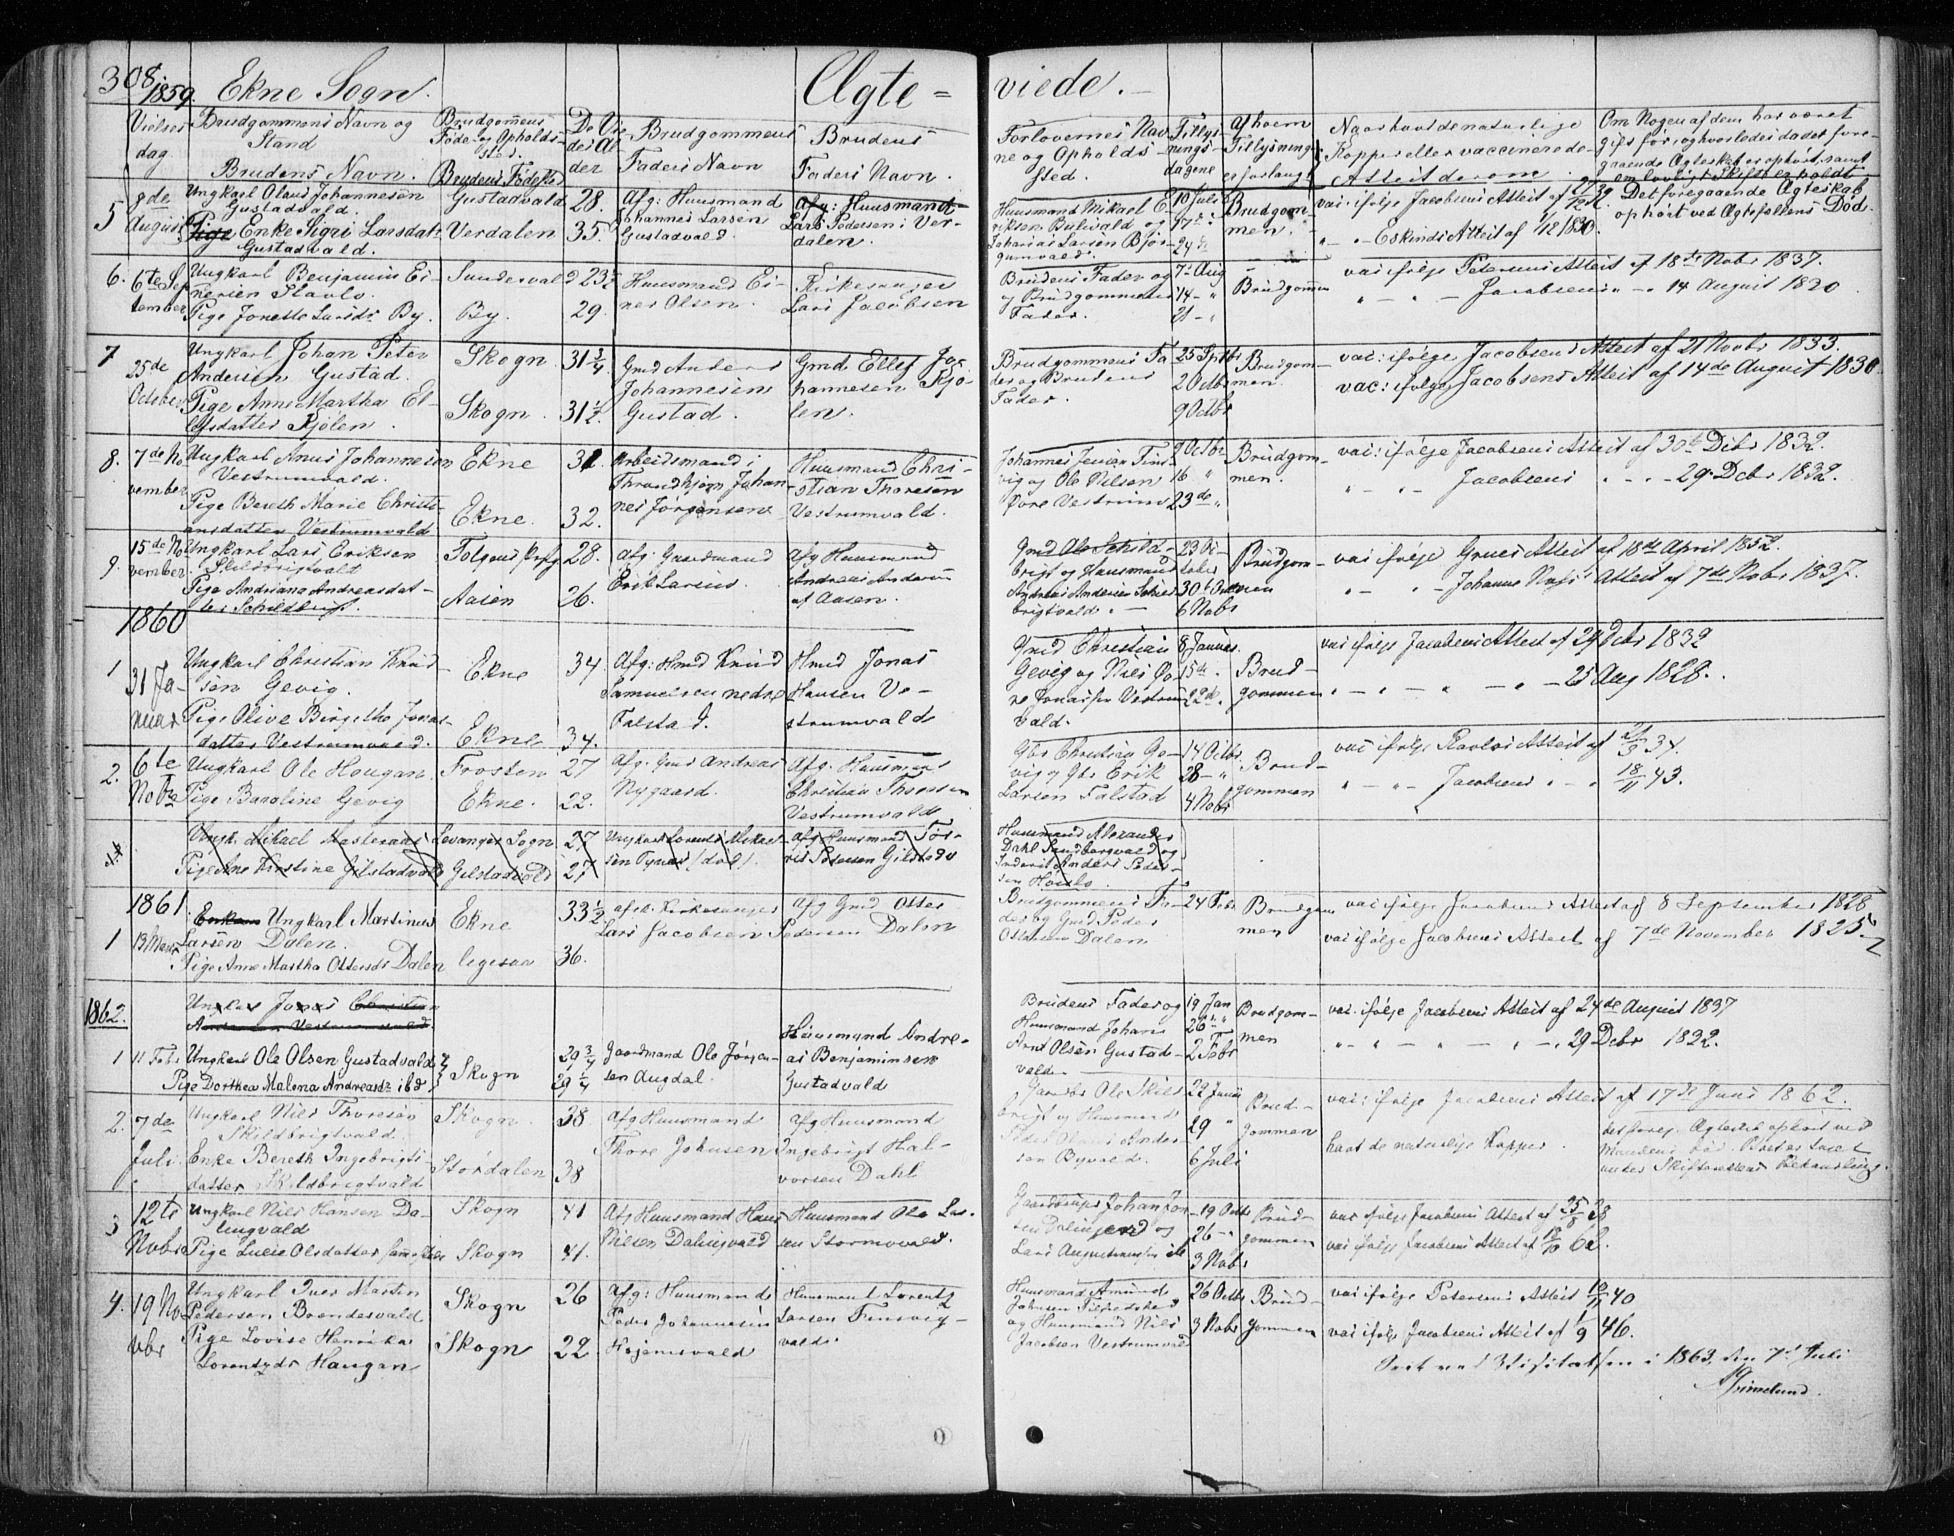 SAT, Ministerialprotokoller, klokkerbøker og fødselsregistre - Nord-Trøndelag, 717/L0154: Ministerialbok nr. 717A07 /3, 1850-1862, s. 308